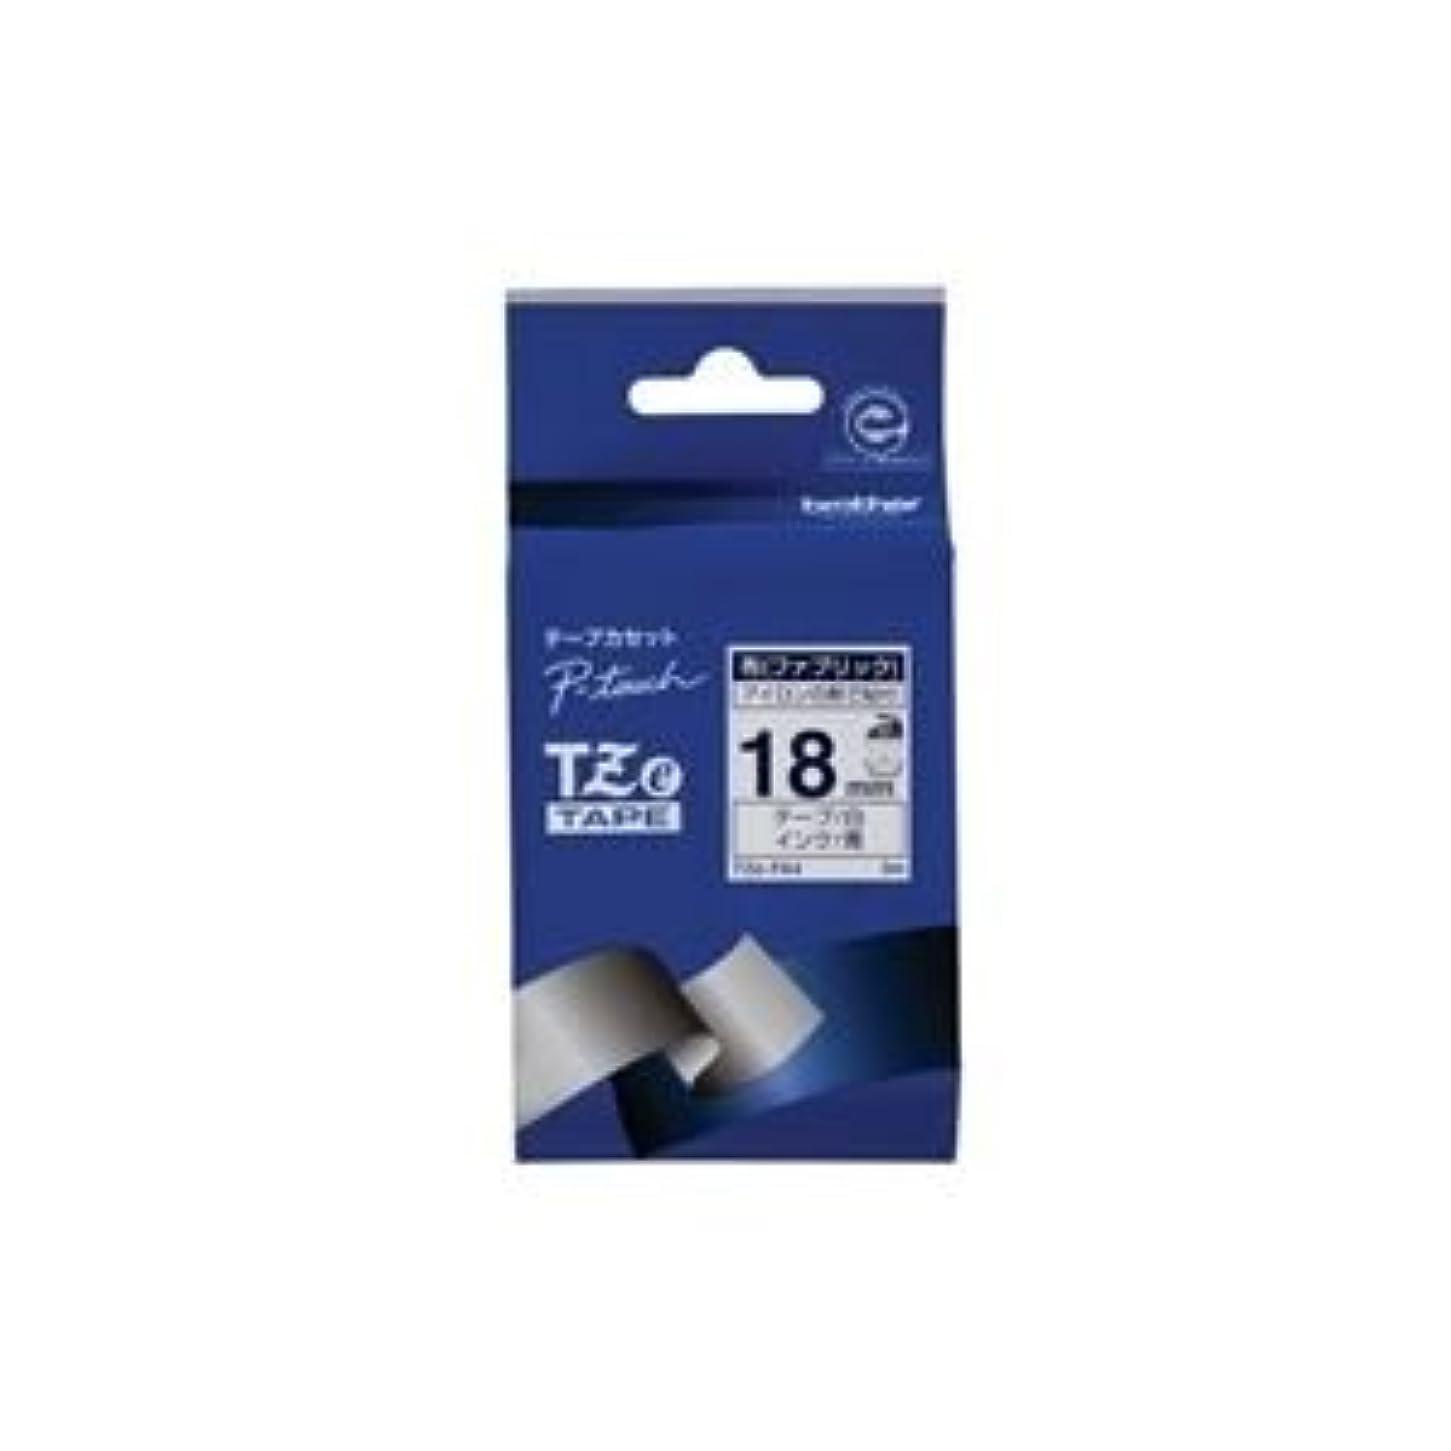 ジョガー下フォーカス(業務用3セット)ブラザー工業 布テープ TZe-FA4白に青文字 18mm [簡易パッケージ品]